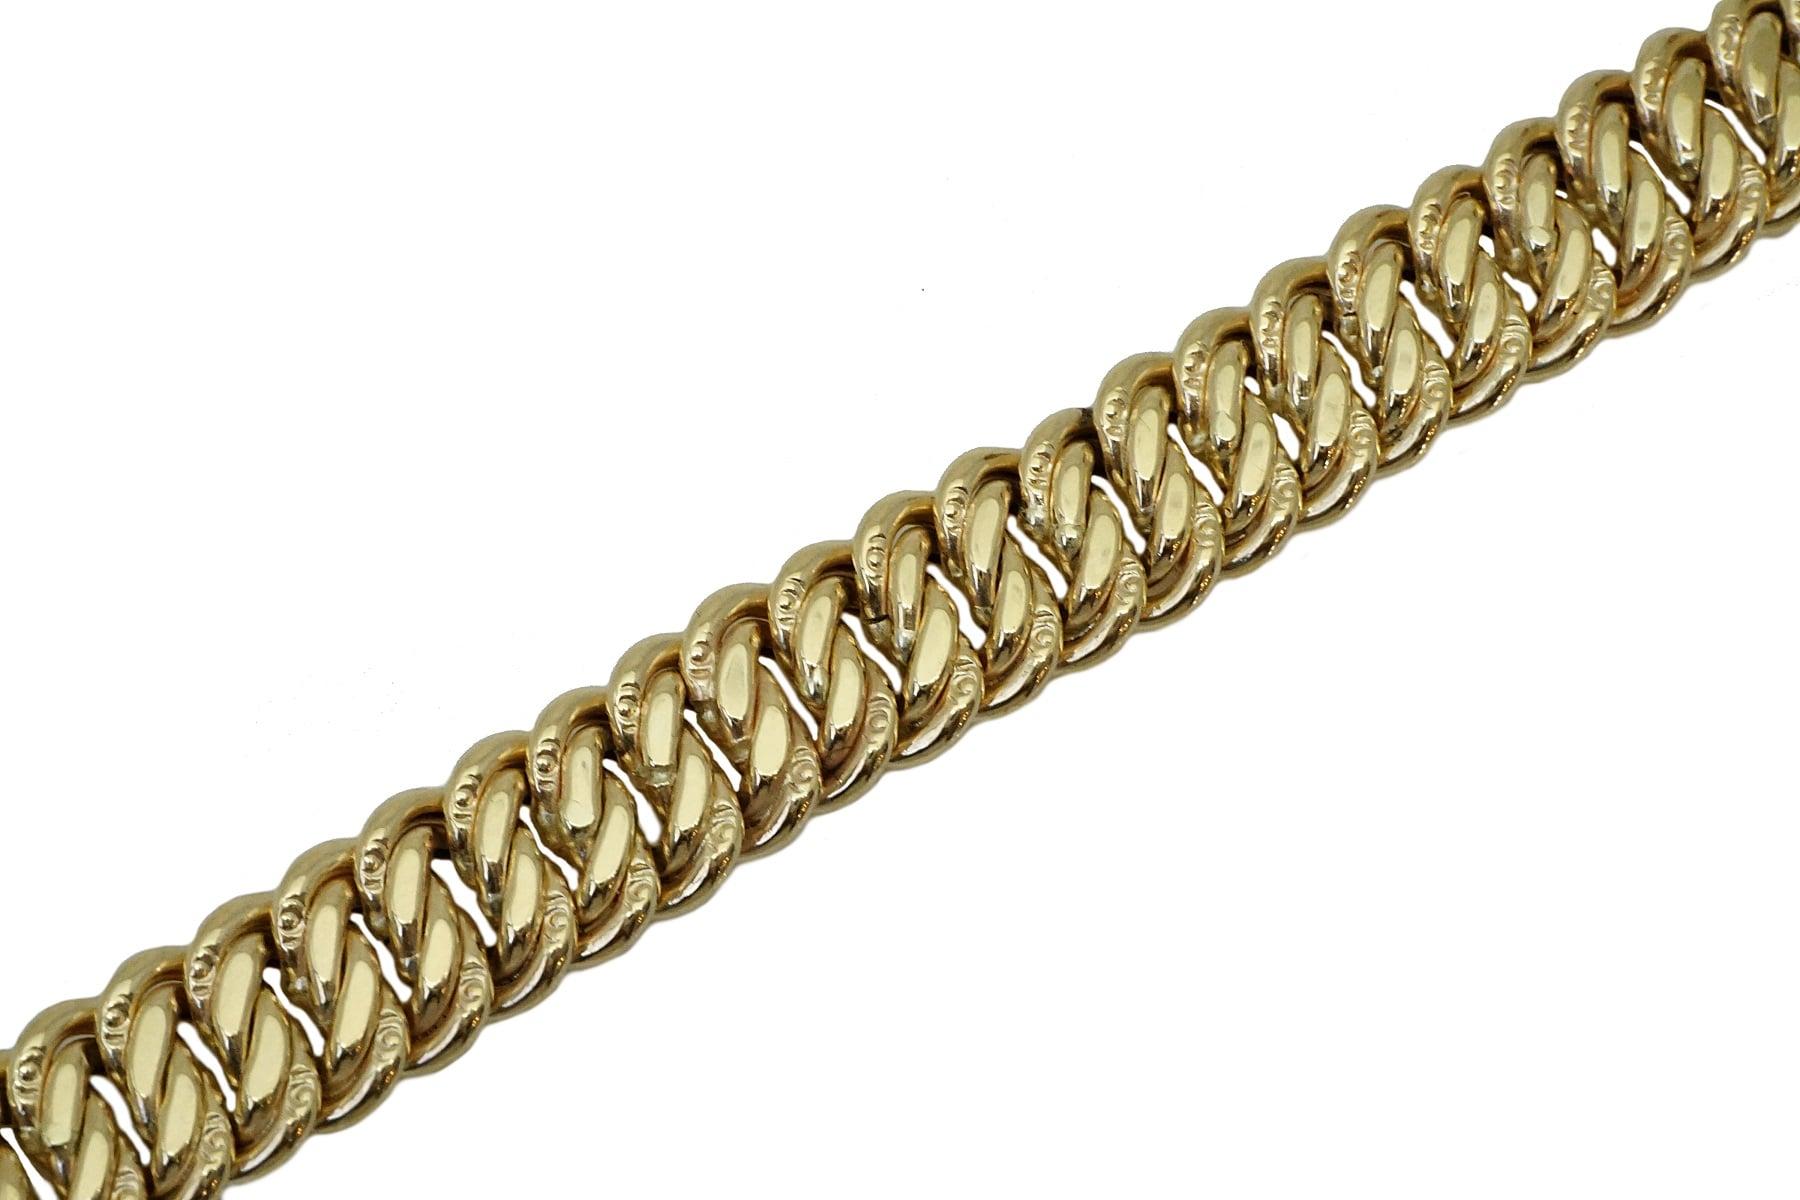 צמיד חוליות זהב לנשים בזהב צהוב